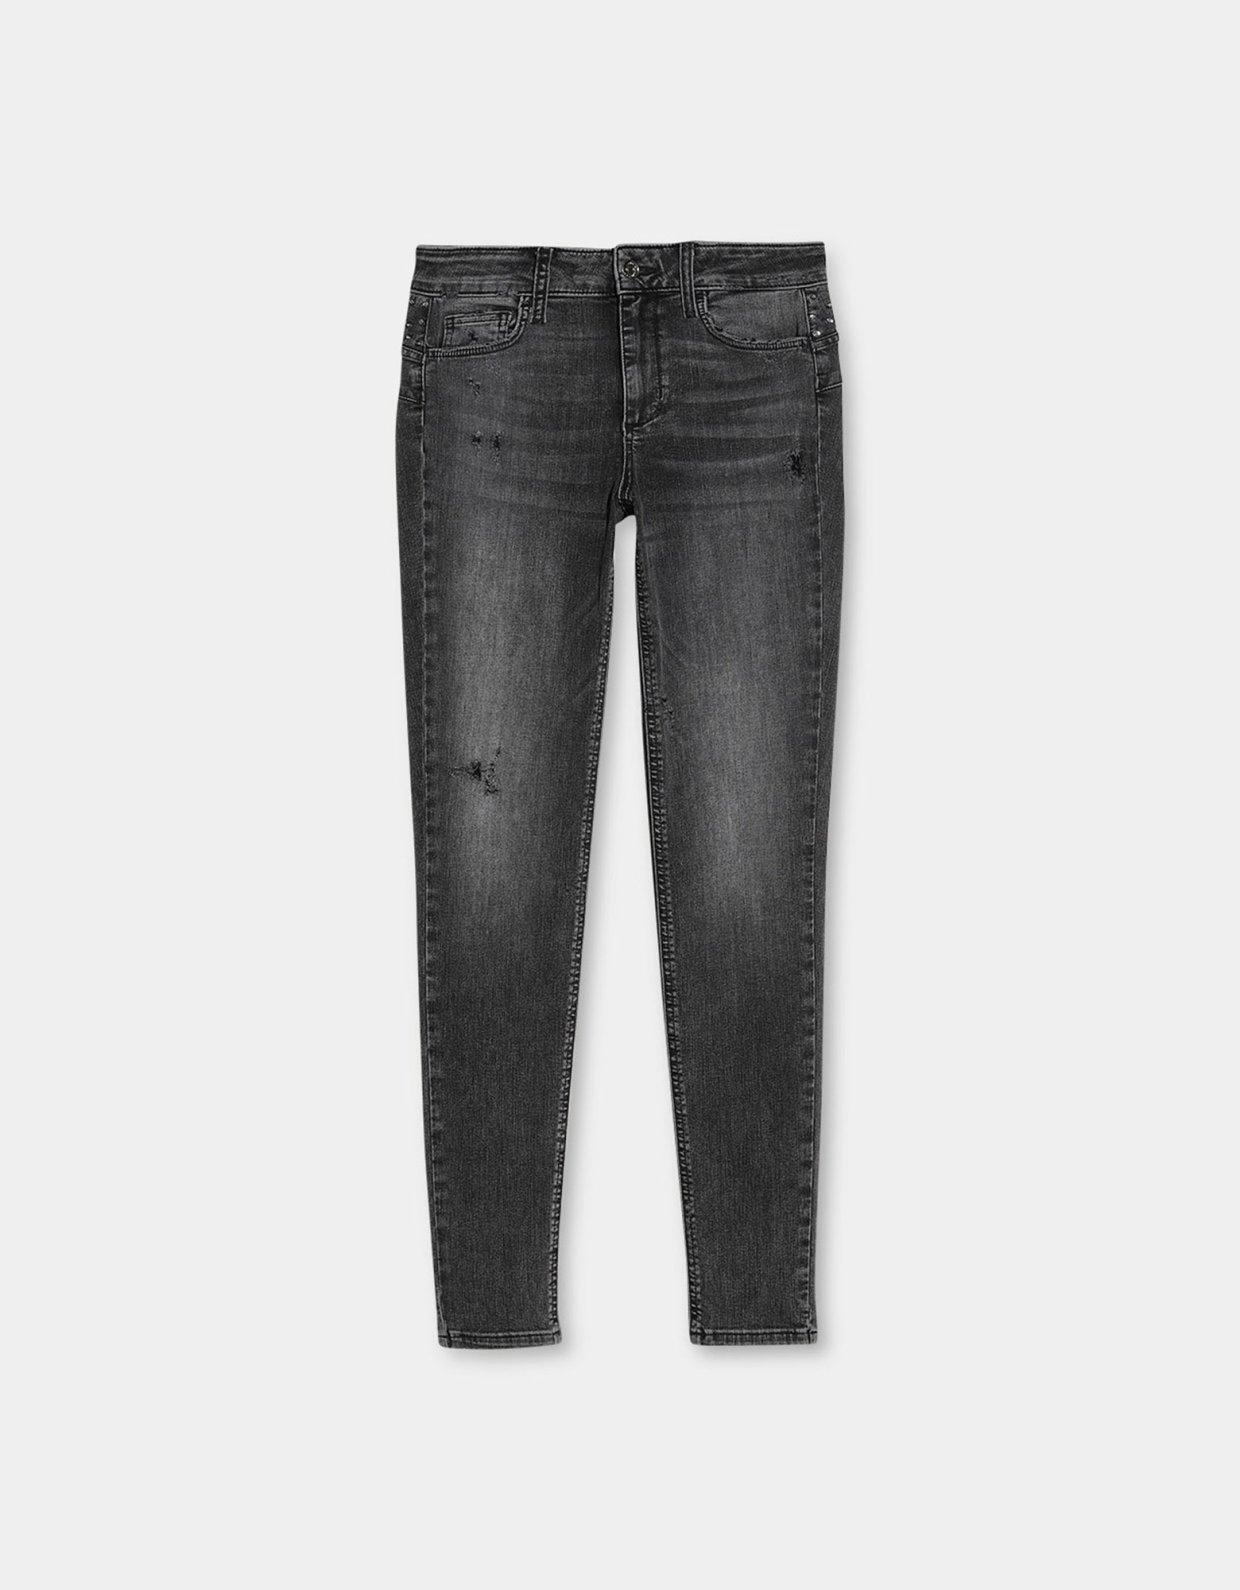 Liu Jo Skinny jeans with jewel appliqués grey